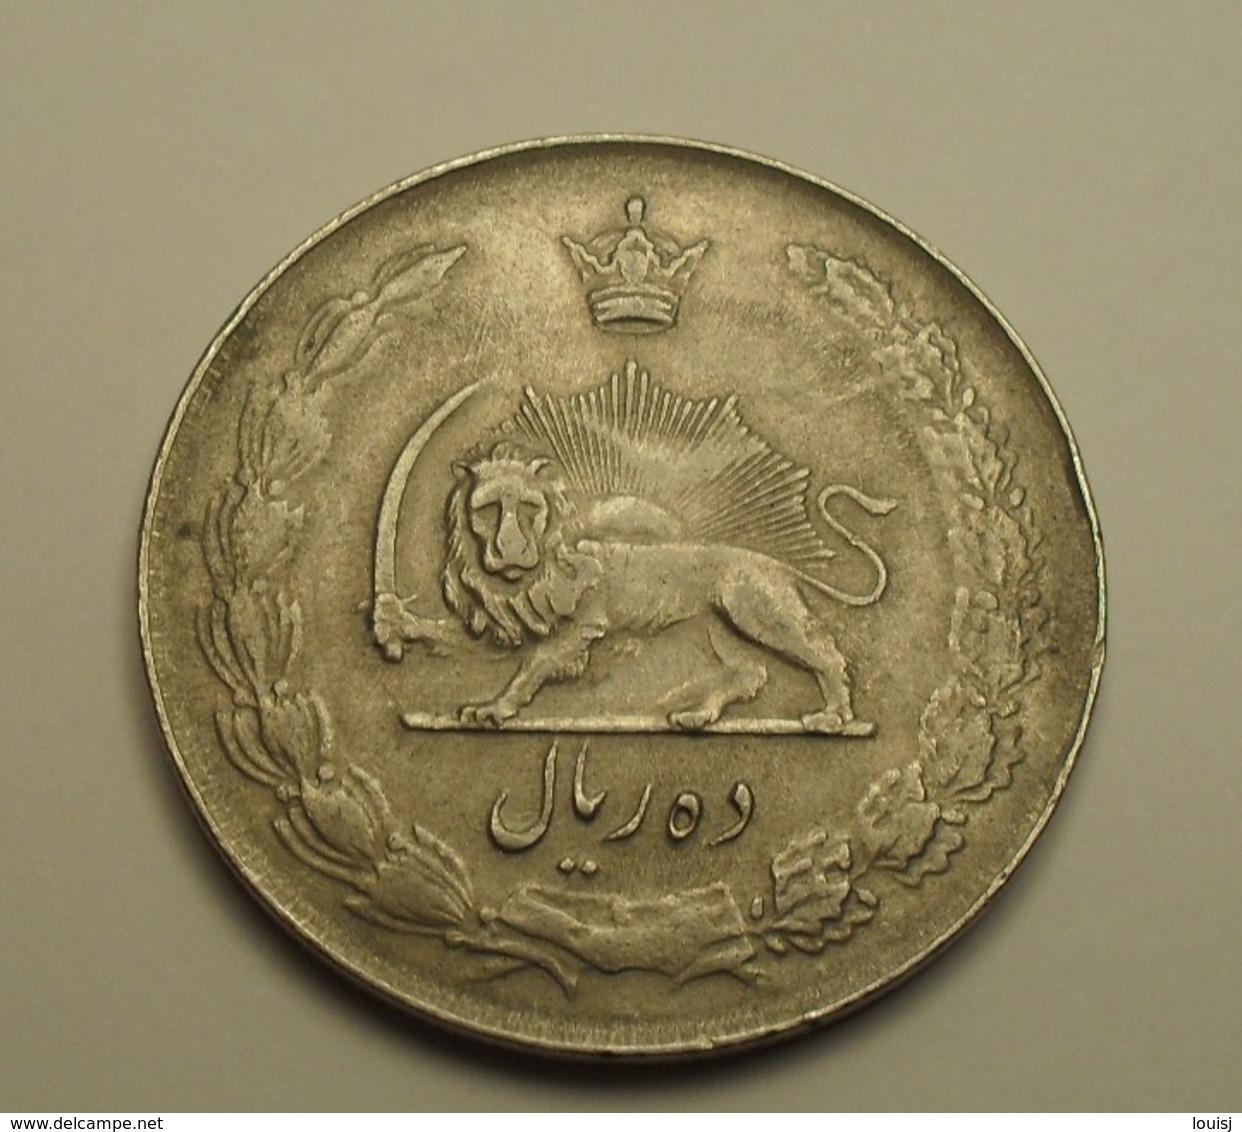 1956 - Iran -1335 - 10 RIALS - KM 1177 - Iran